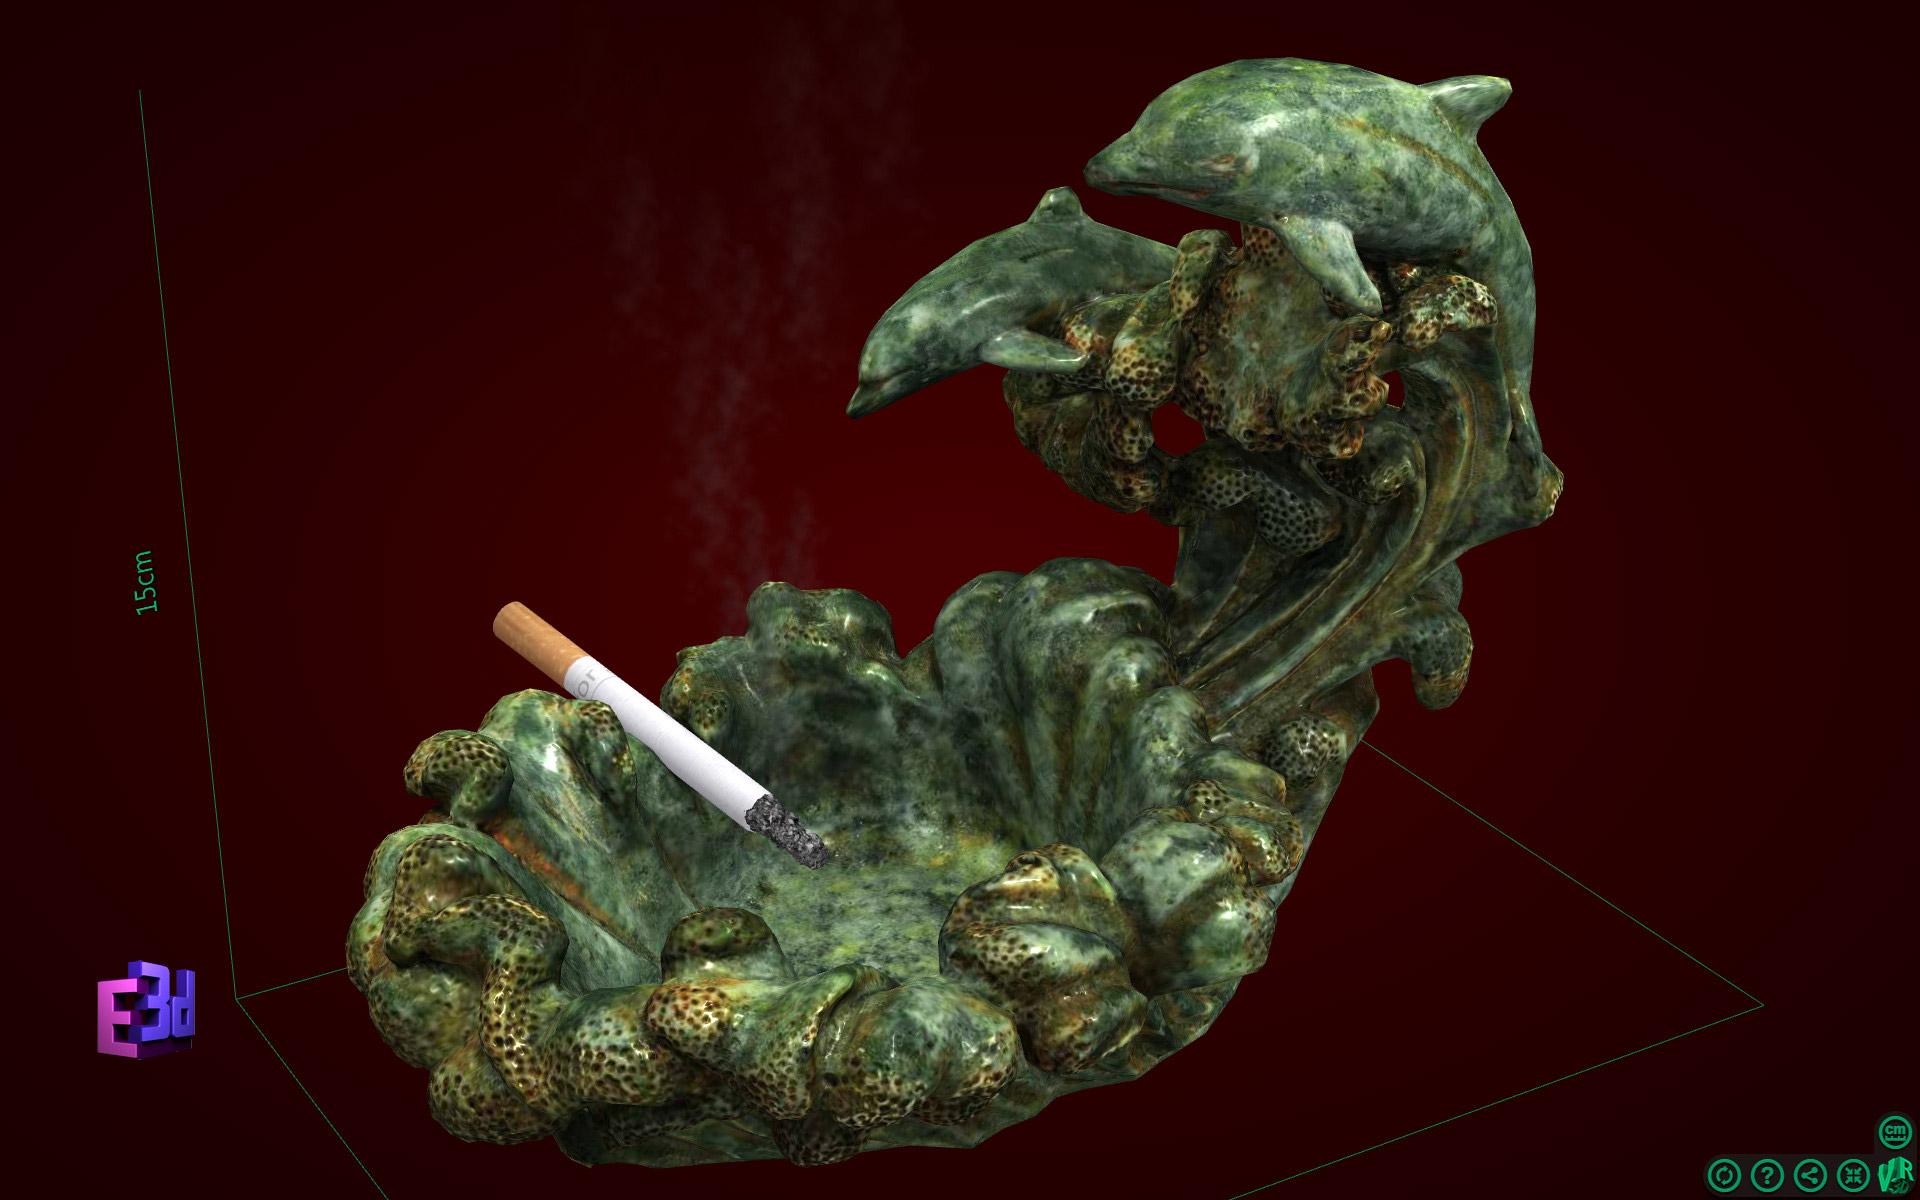 Đồ gạt tàn thuốc - Trang trí phòng khách nhà cấp 4